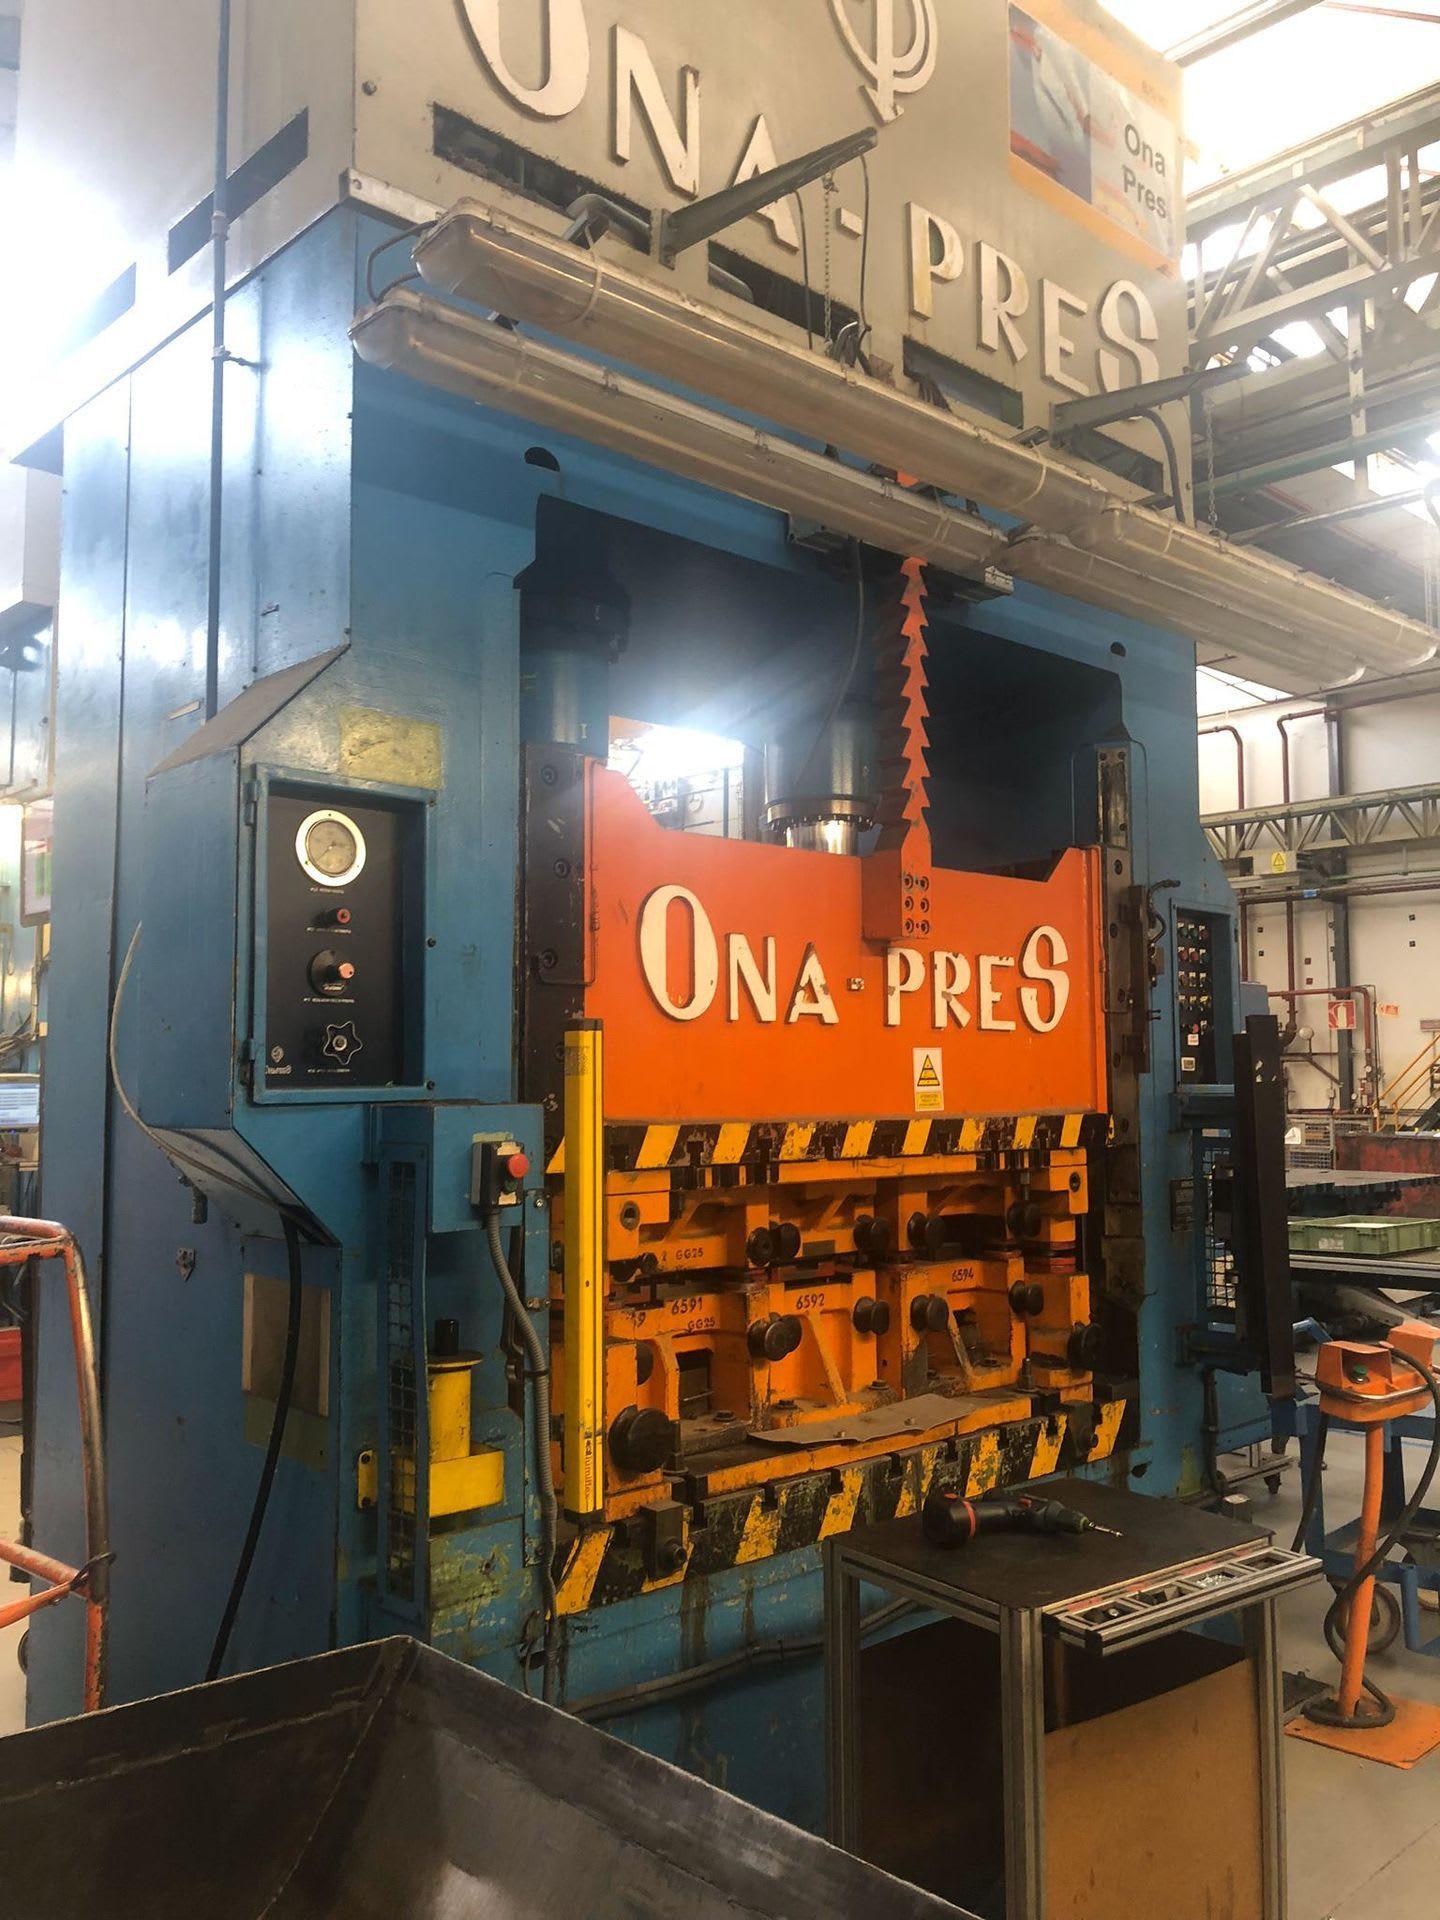 ONA-PRES FBe-20-2-T Hydraulische Presse